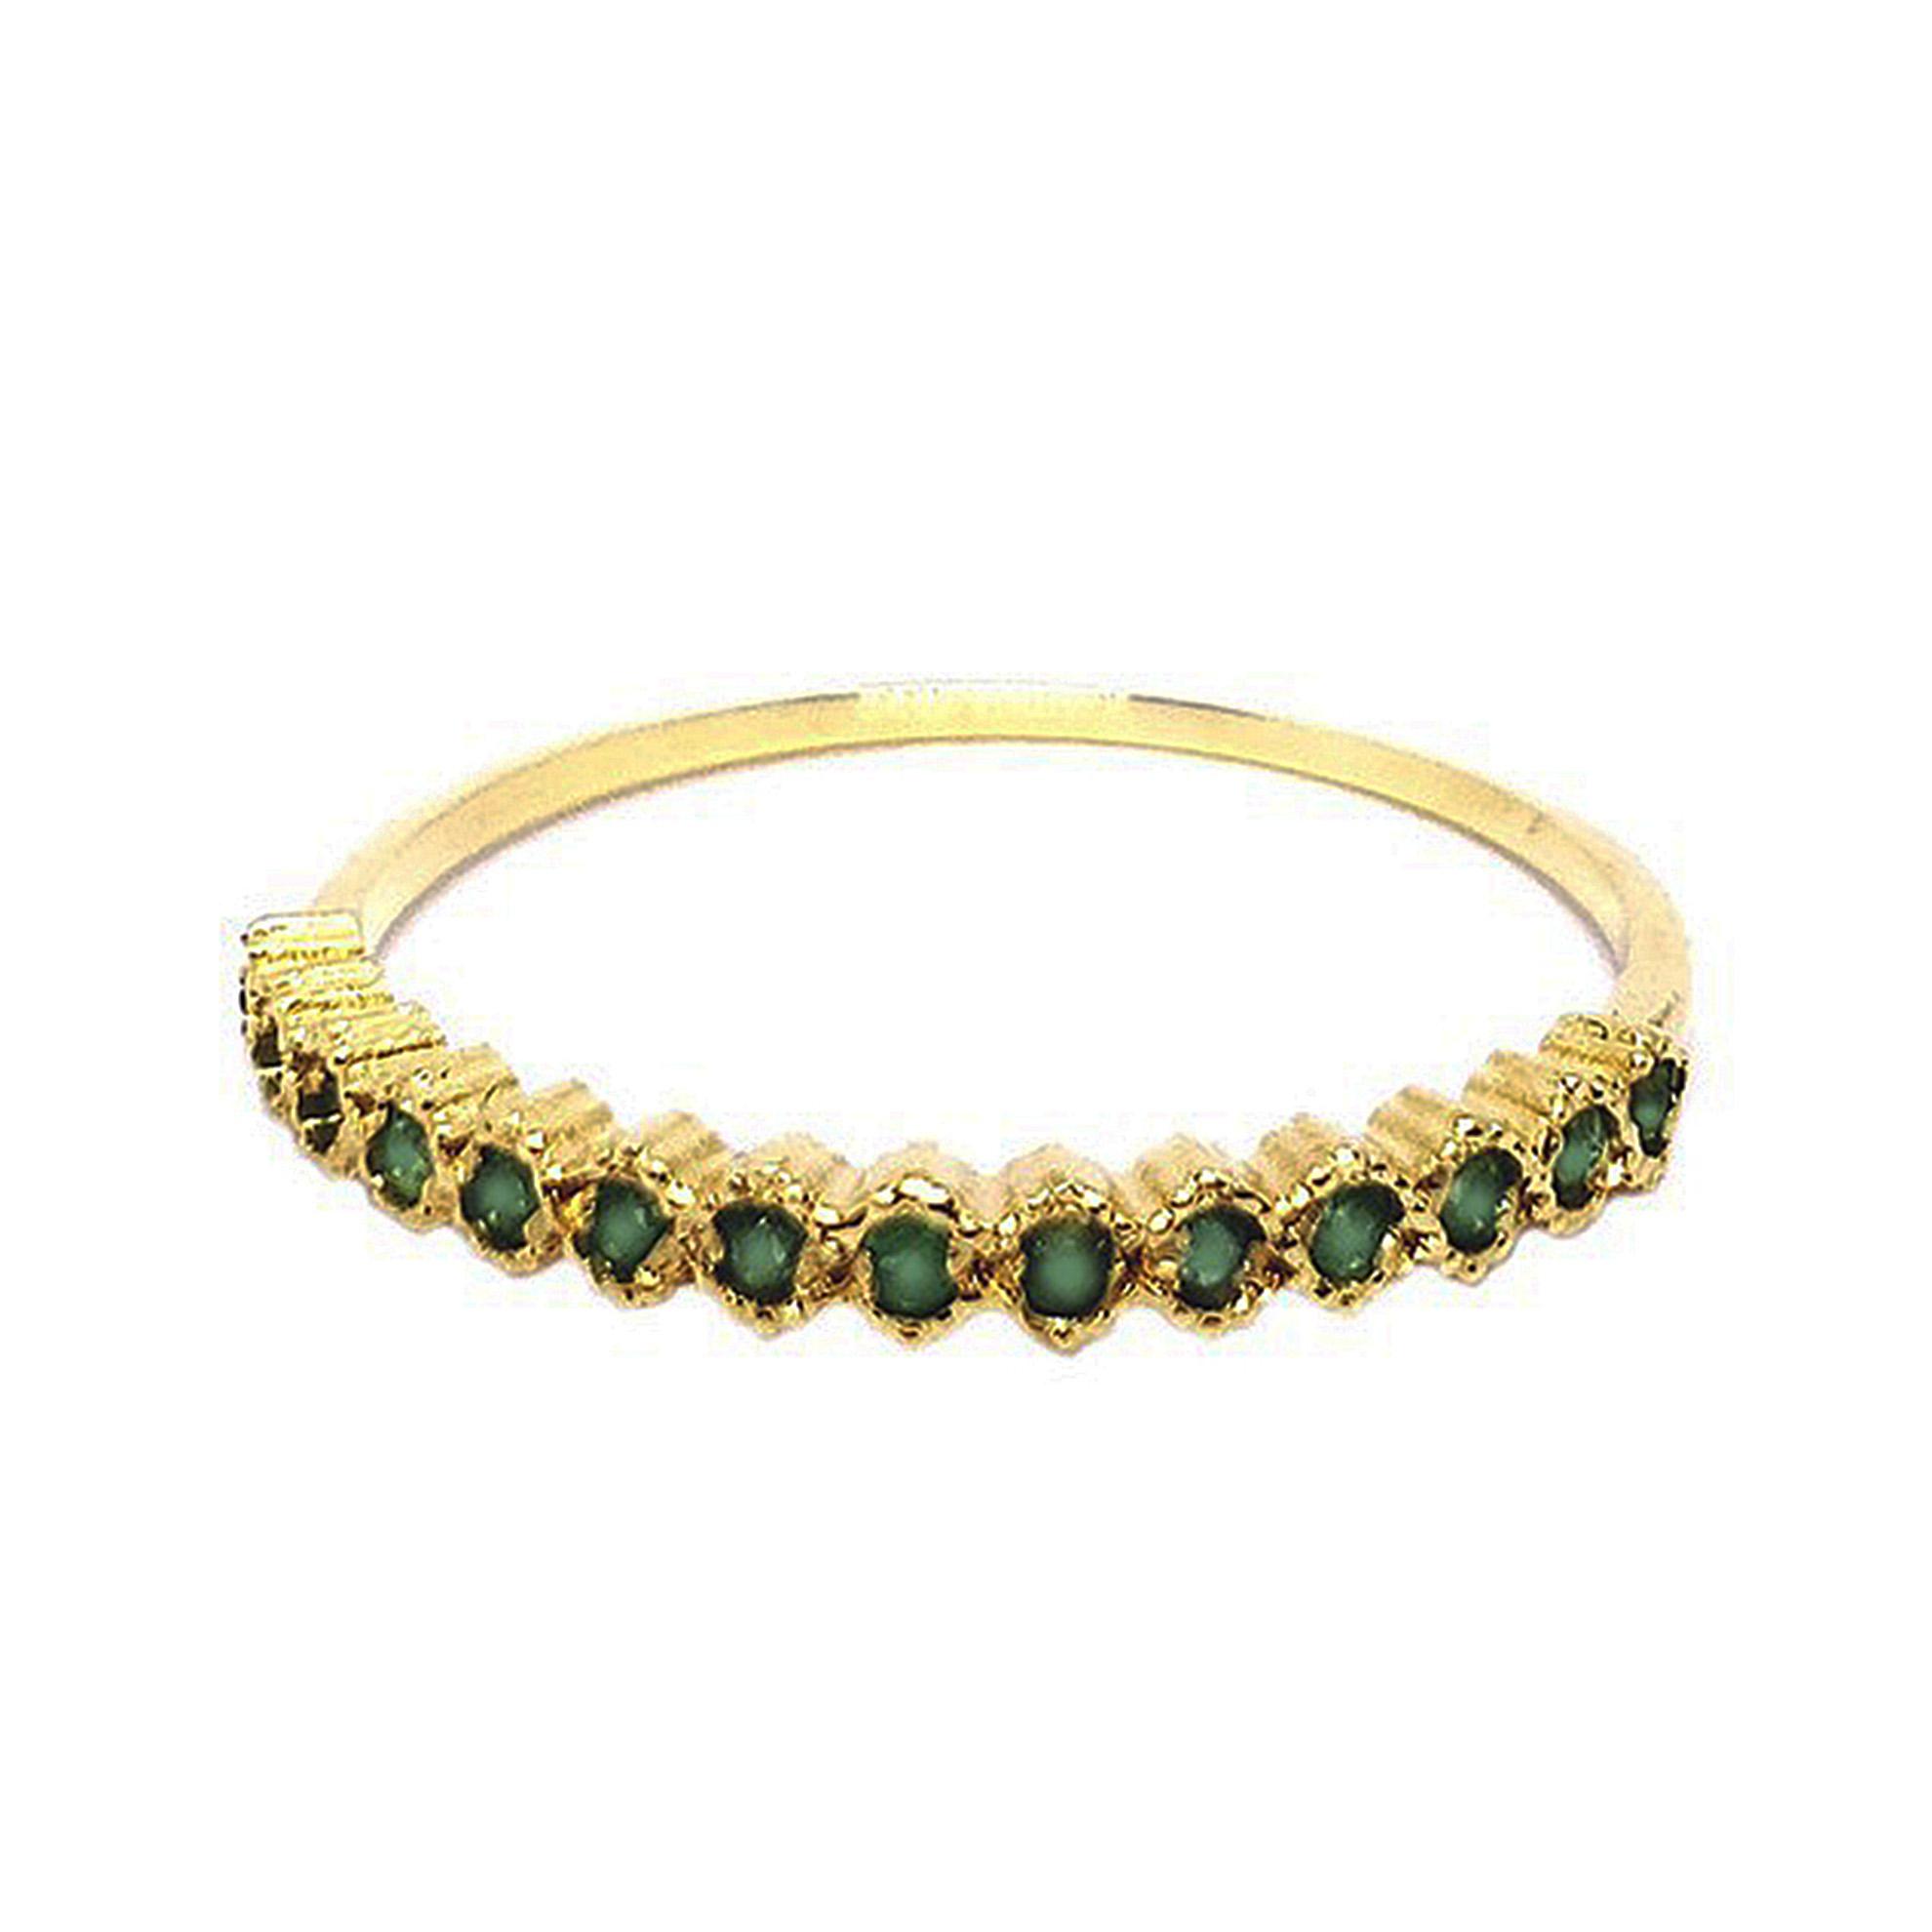 Meia Aliança c/ Esmeraldas em Ouro 18 Kilates